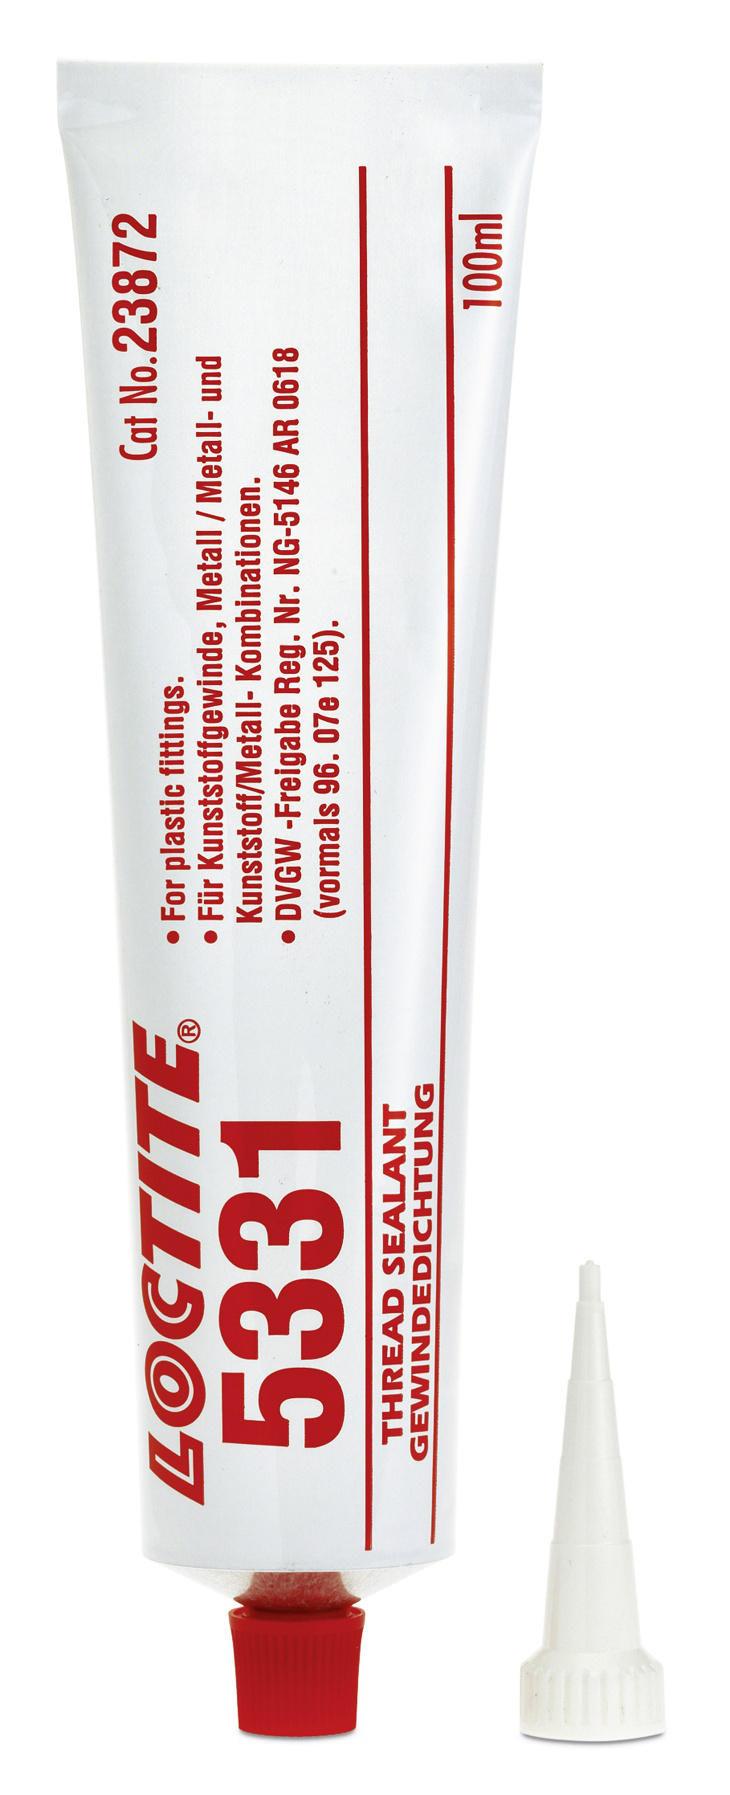 Loctite Si 5331 Thread Sealant Aplica Dk